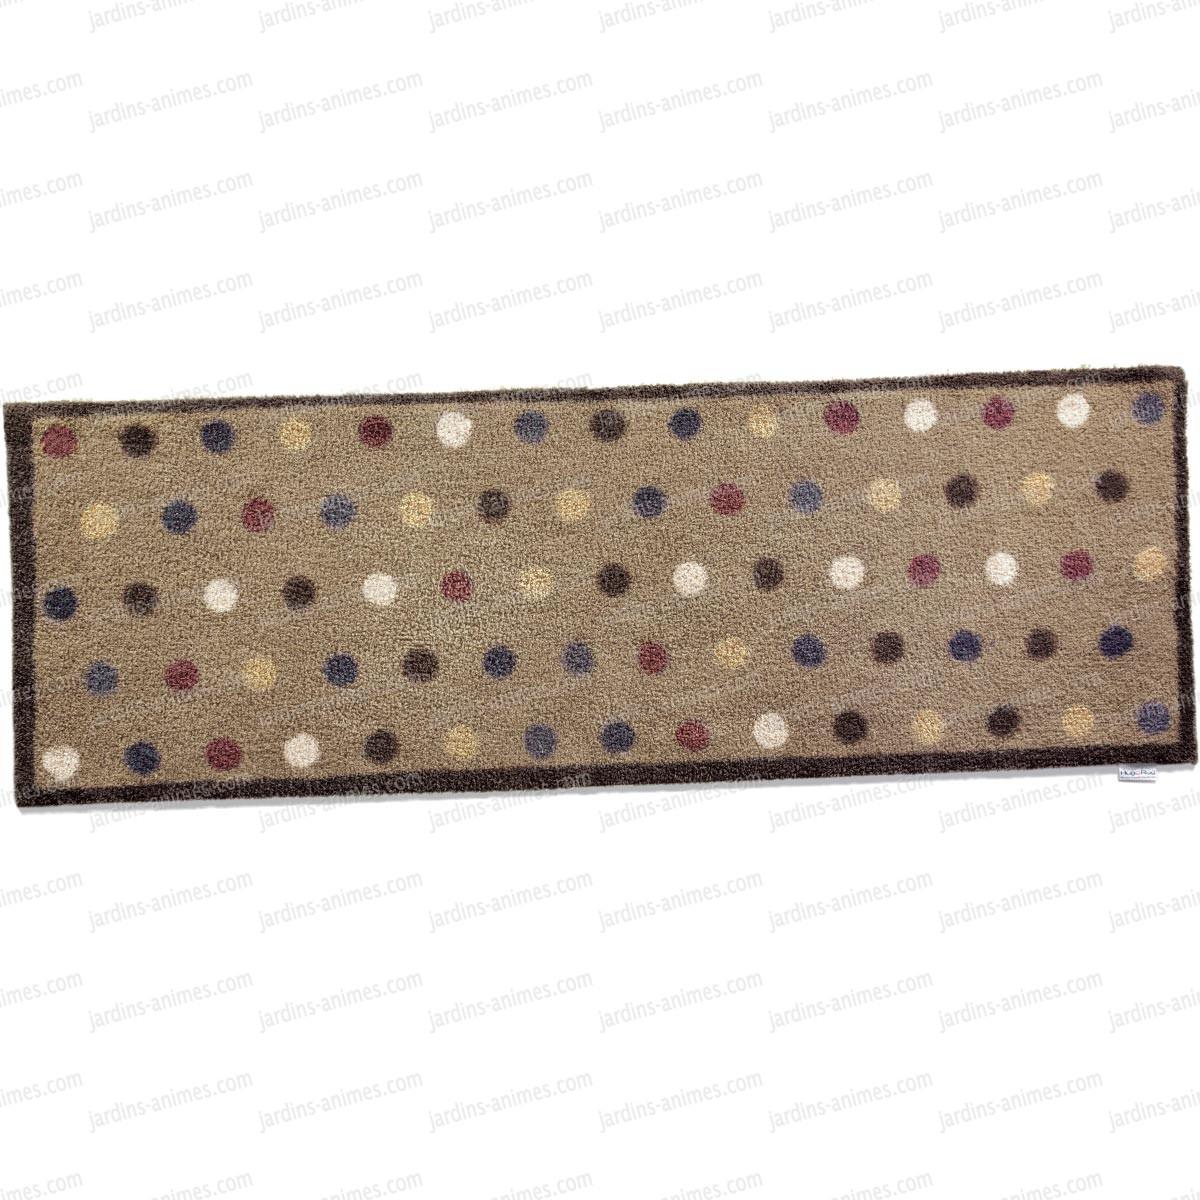 paillasson long motif spot10 100 recycl 65x150cm paillasson nettoie bottes. Black Bedroom Furniture Sets. Home Design Ideas